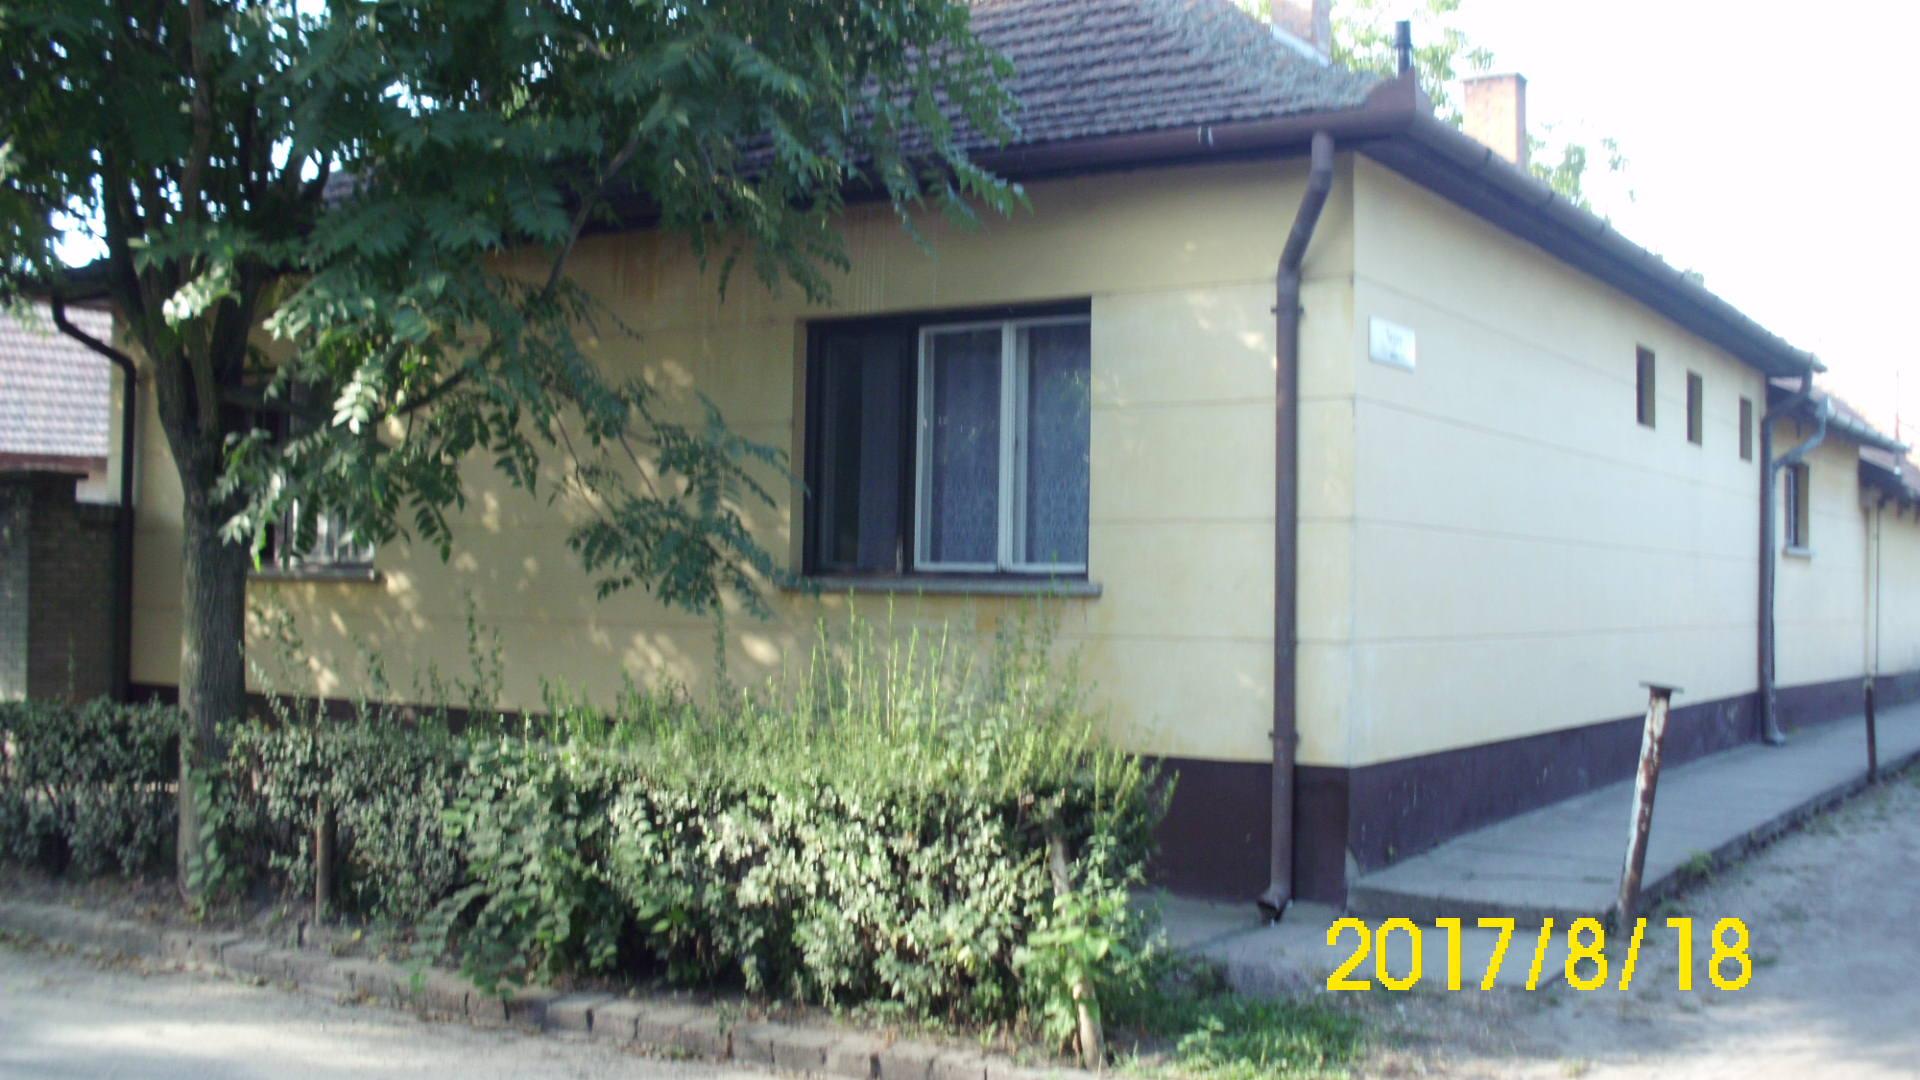 Kiskunhalas, Hunyadi utca 2,5 szobás családi ház